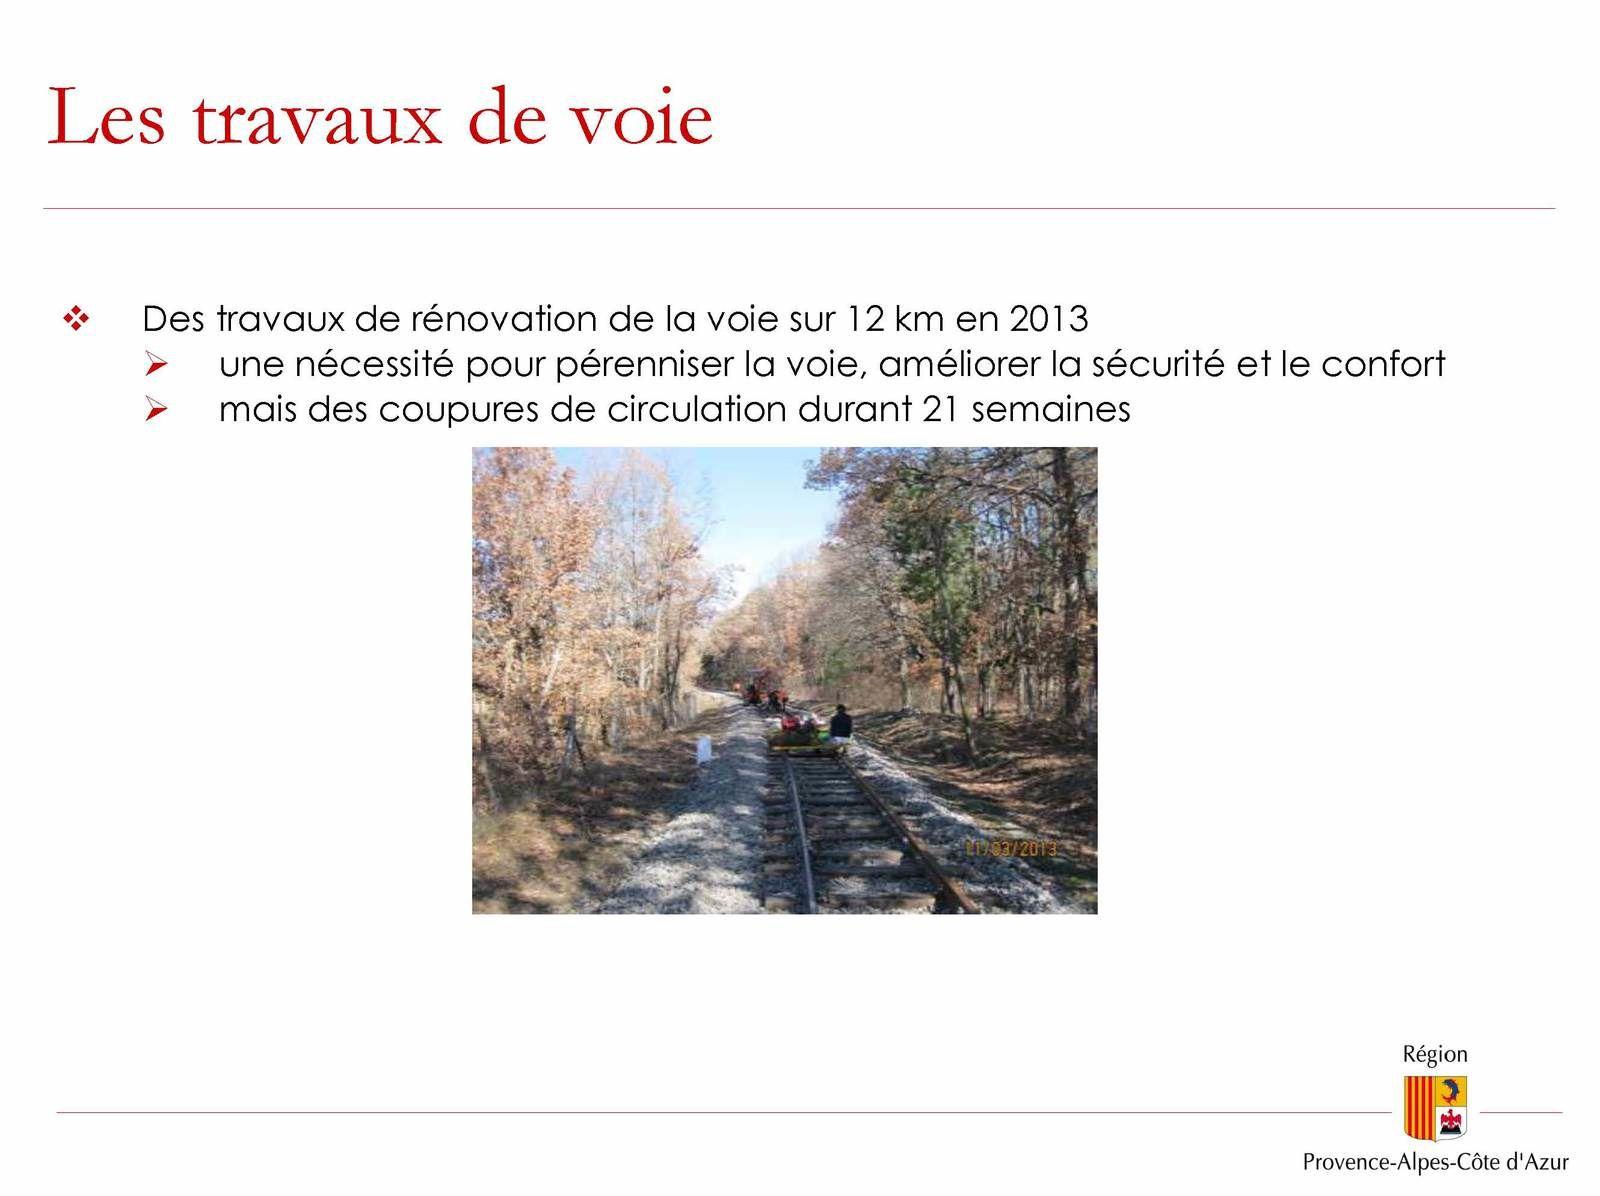 Comité de ligne des Chemins de fer de Provence à Annot